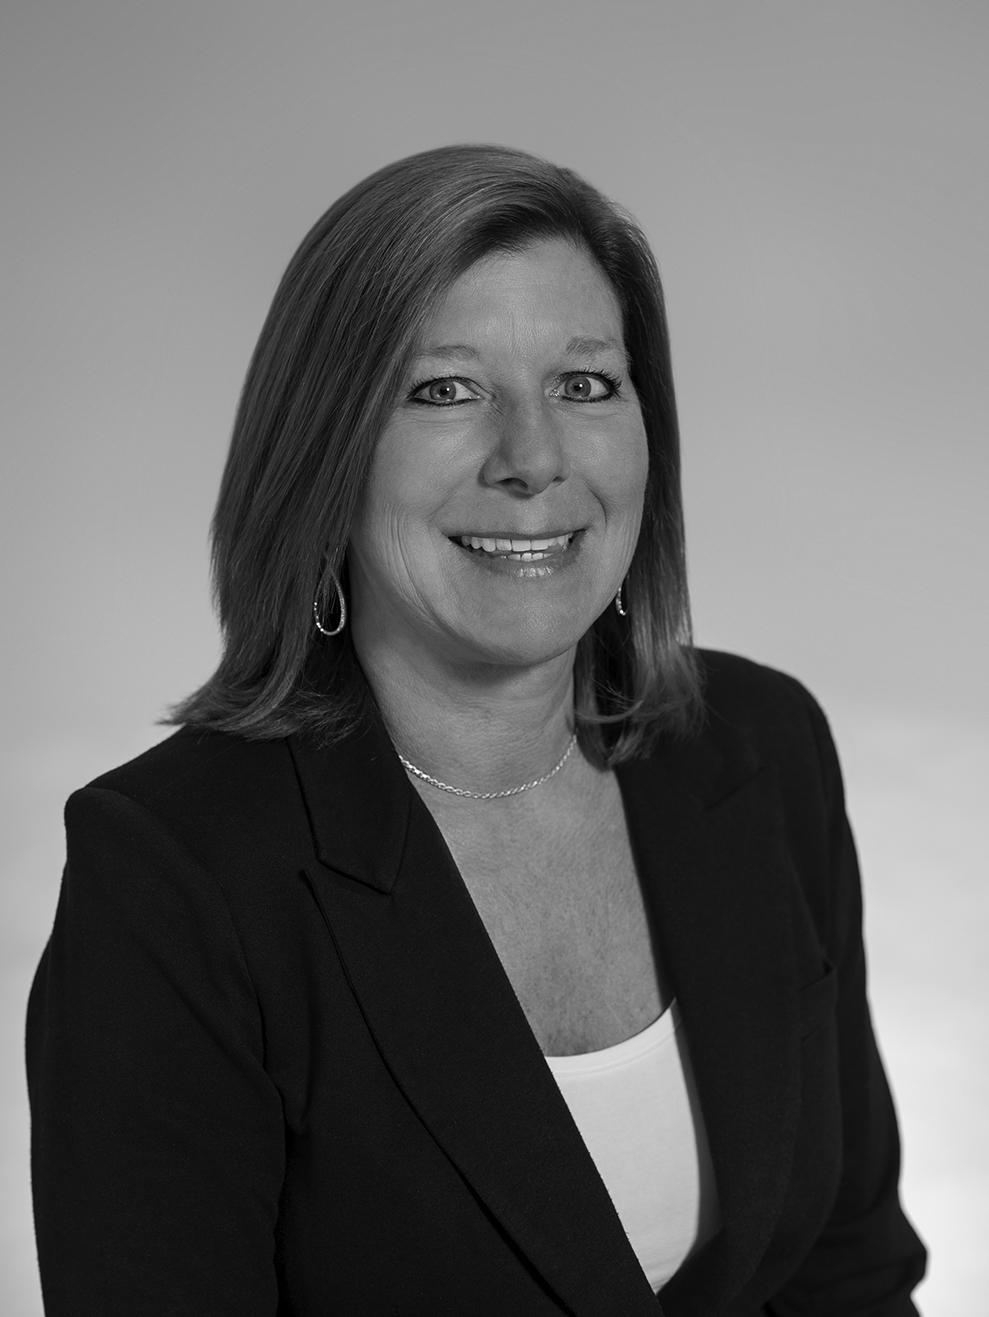 Sarah Woodward